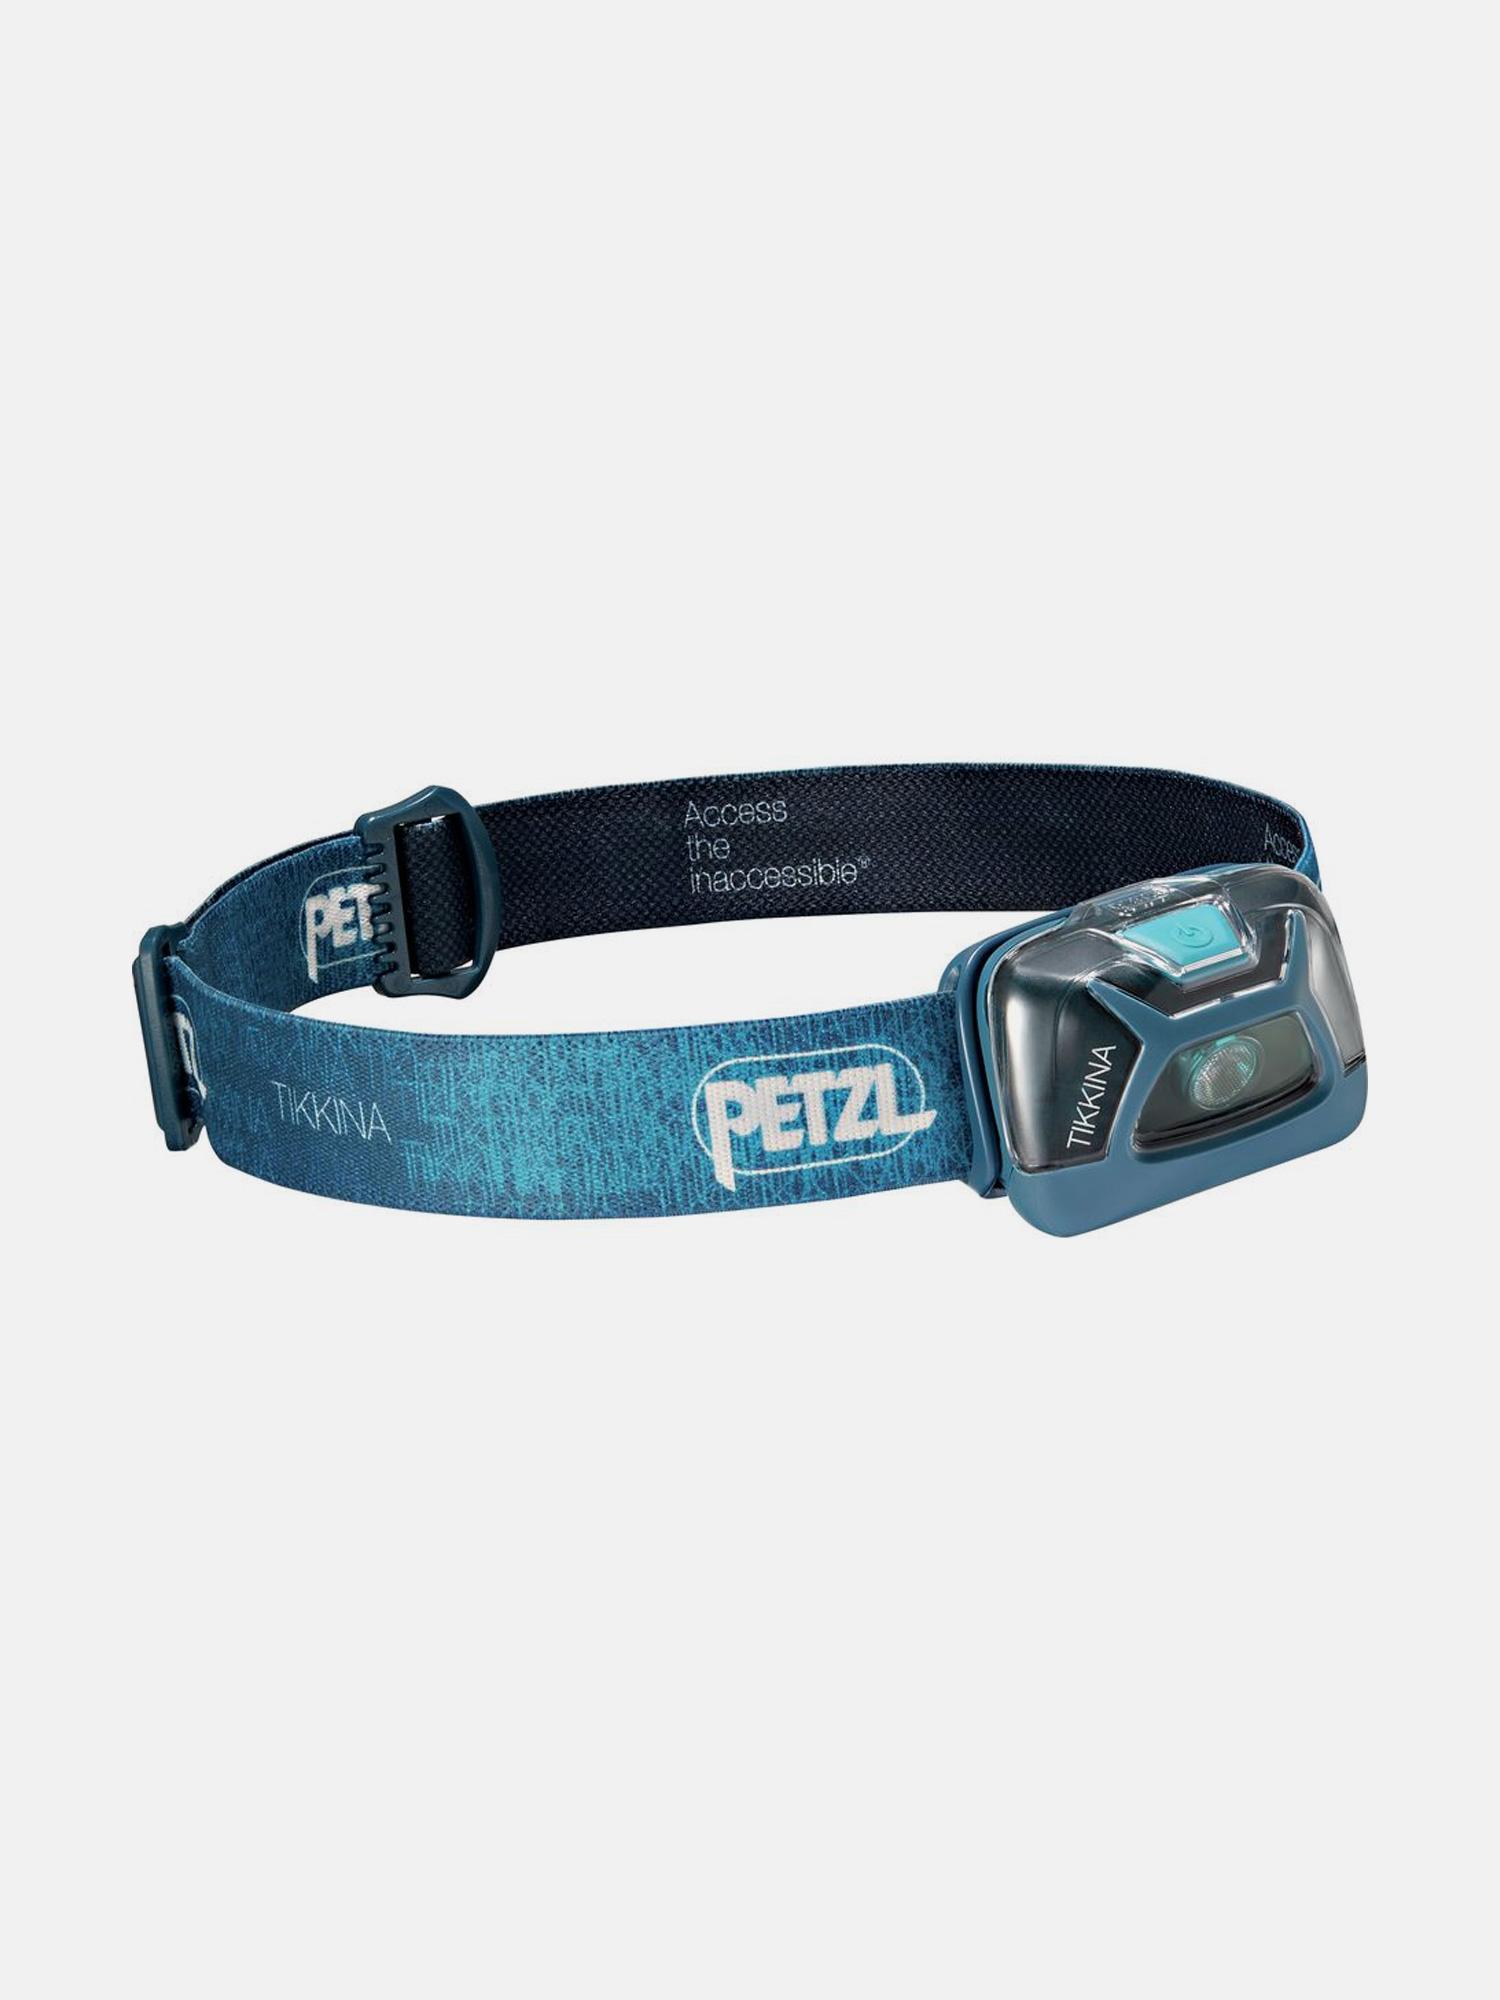 Petzl Headlamp $19.95